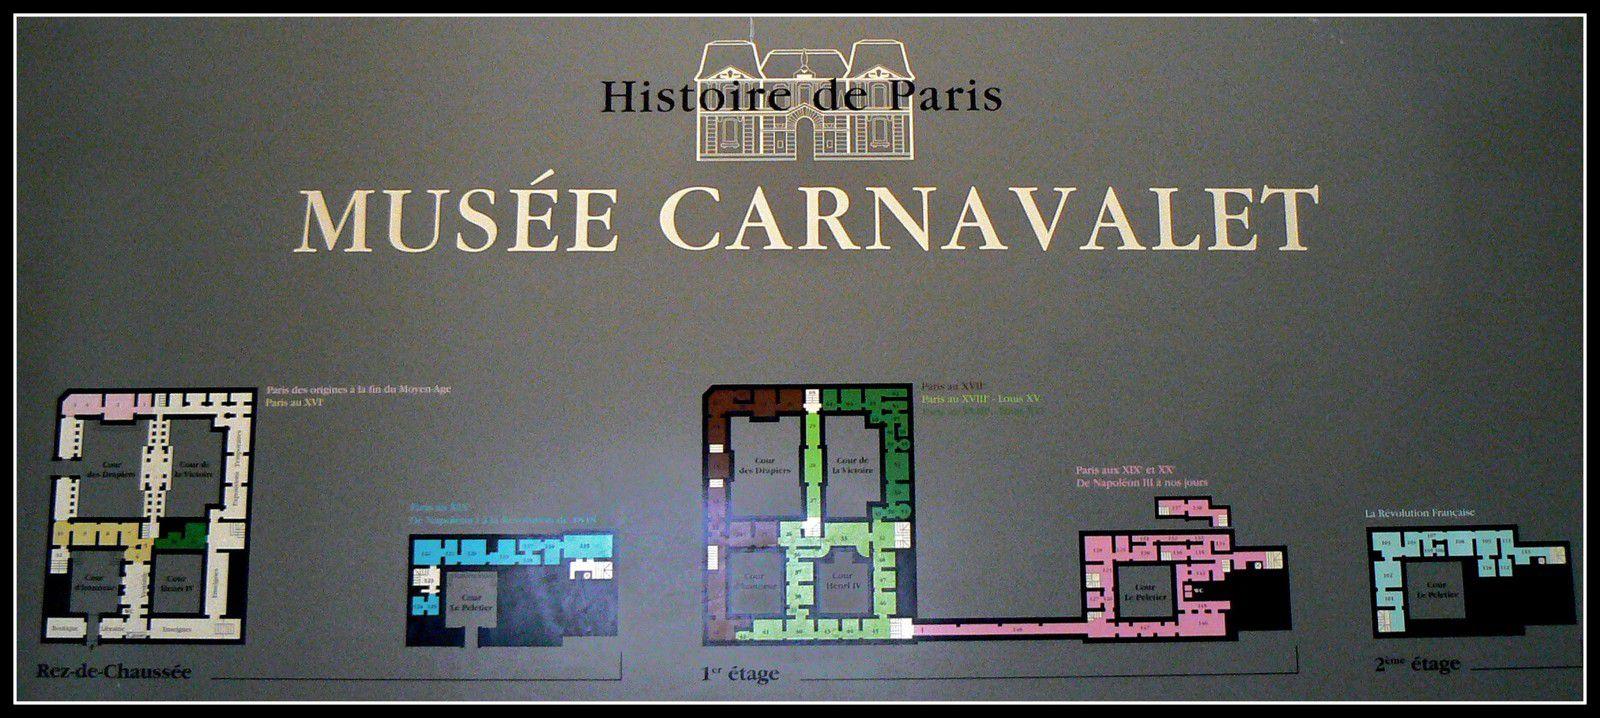 Projet pour le Pont-Neuf, musée Carnavalet